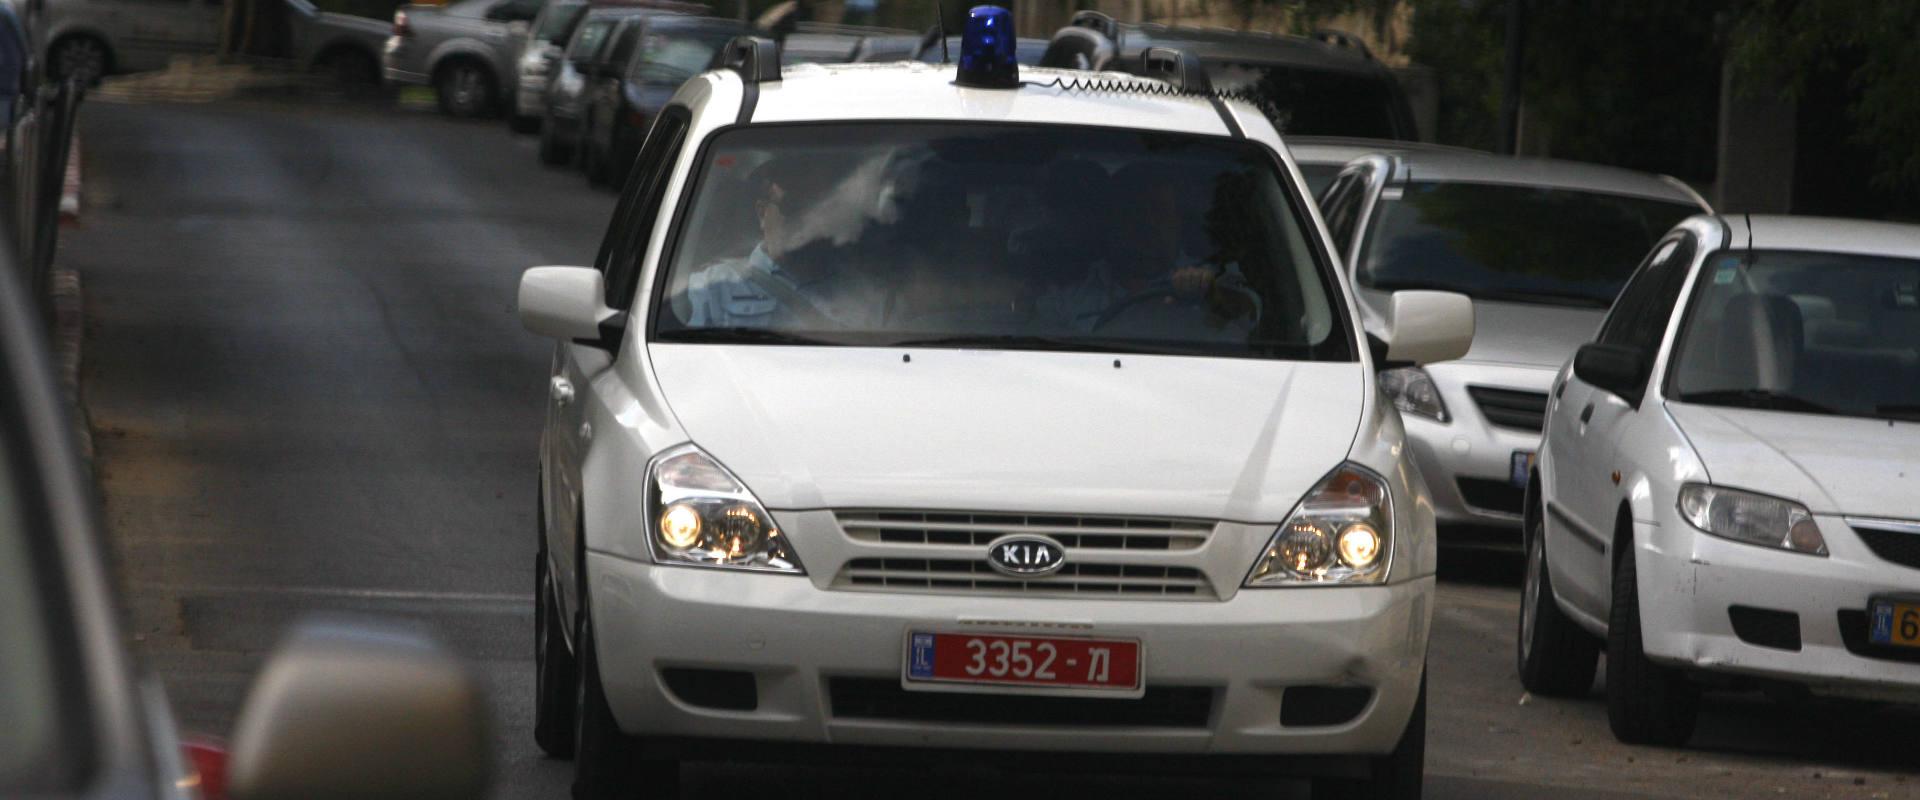 ניידת משטרה. למצולמים אין קשר לנאמר בידיעה